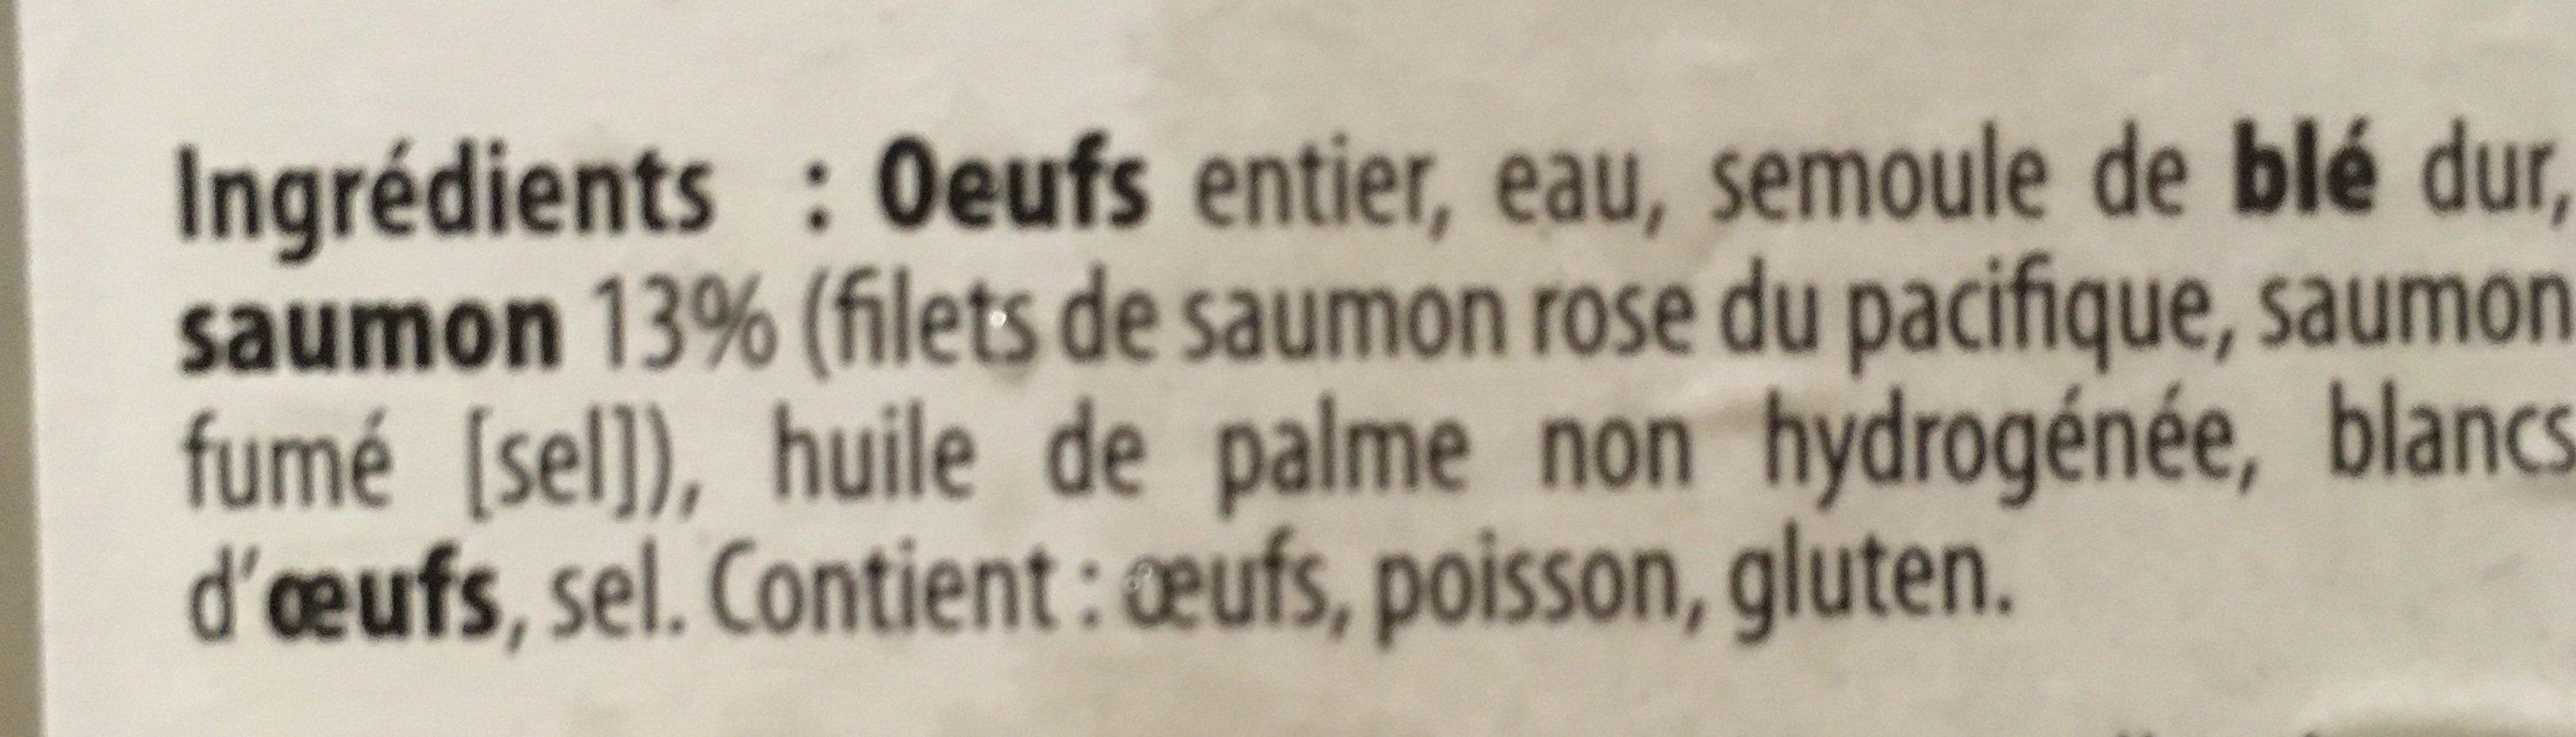 Quenelles lyonnaises cachere - Ingredients